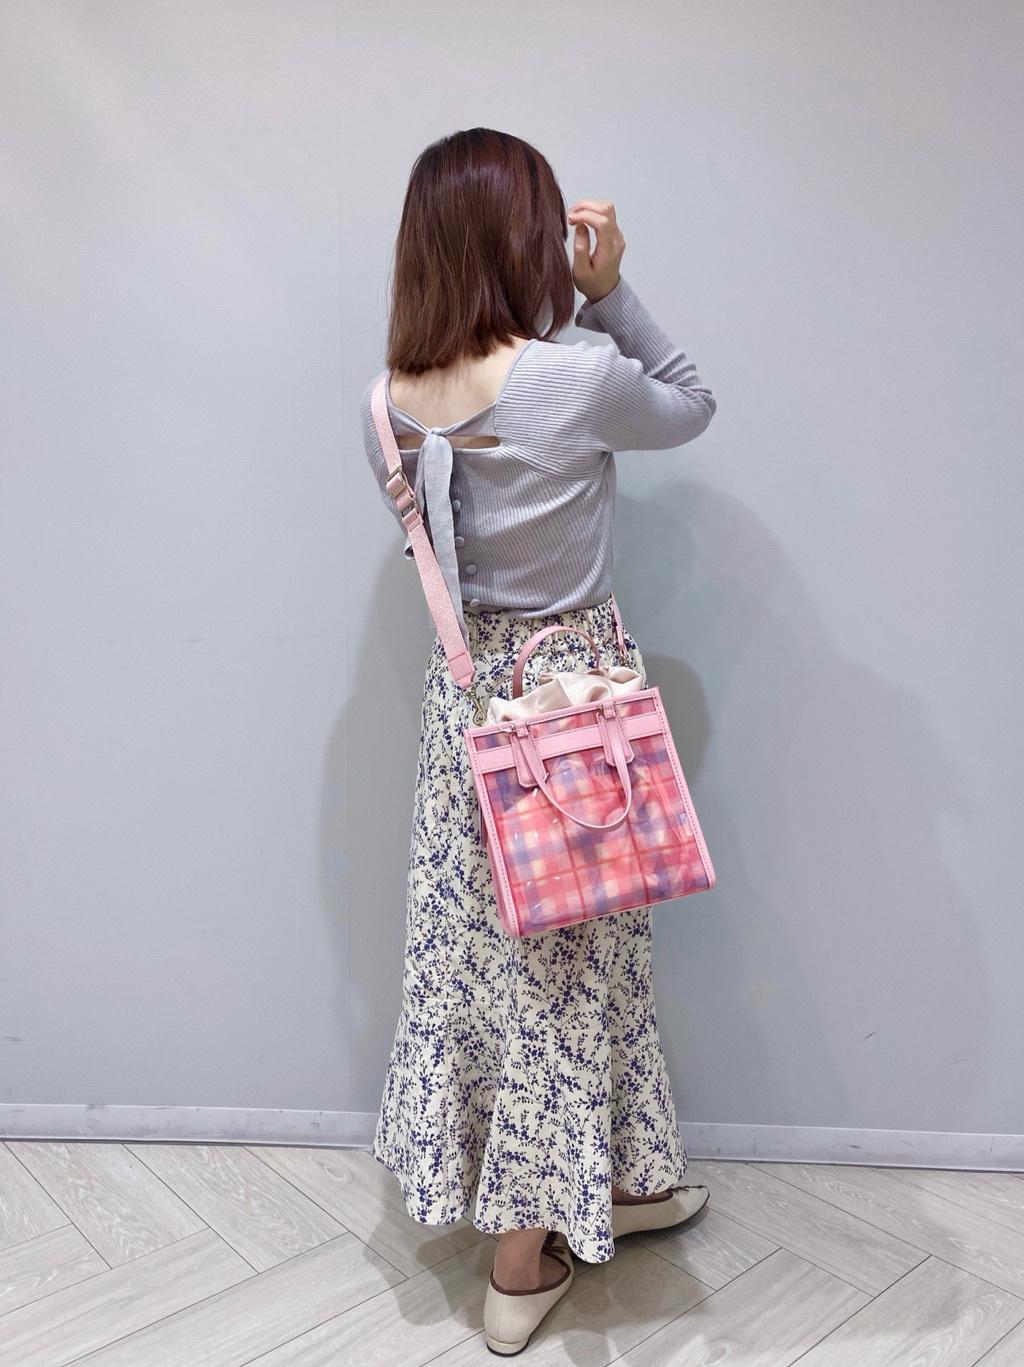 SAMANTHAVEGA ルミネ立川店 陳澤珊